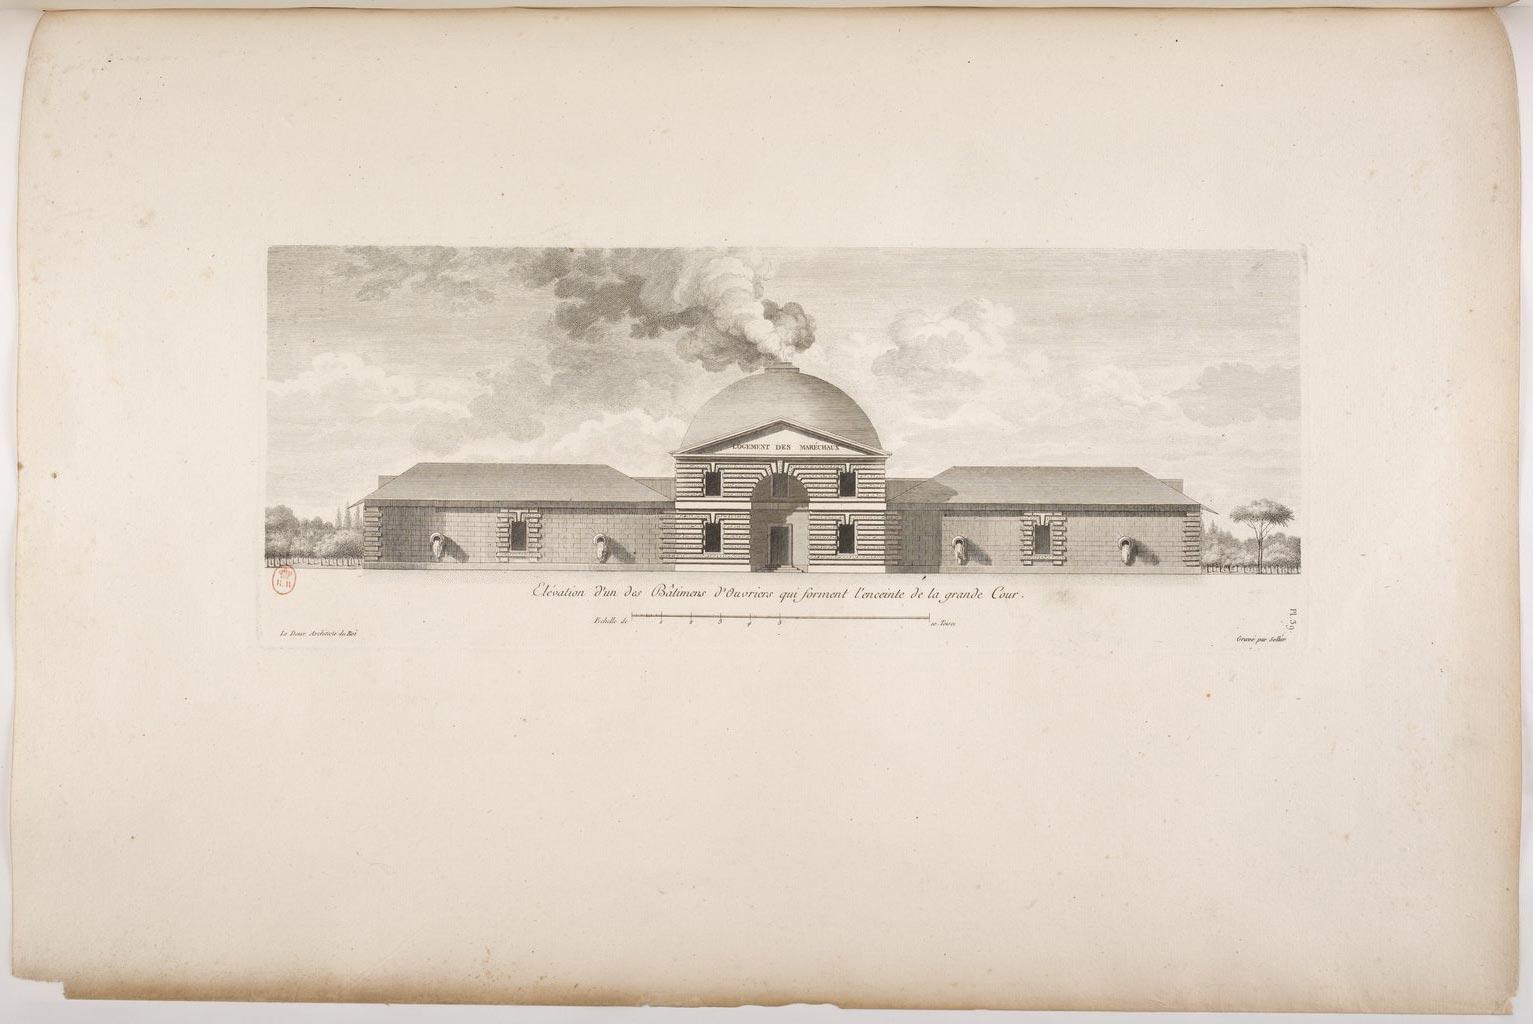 ledoux-claude-architecture-329